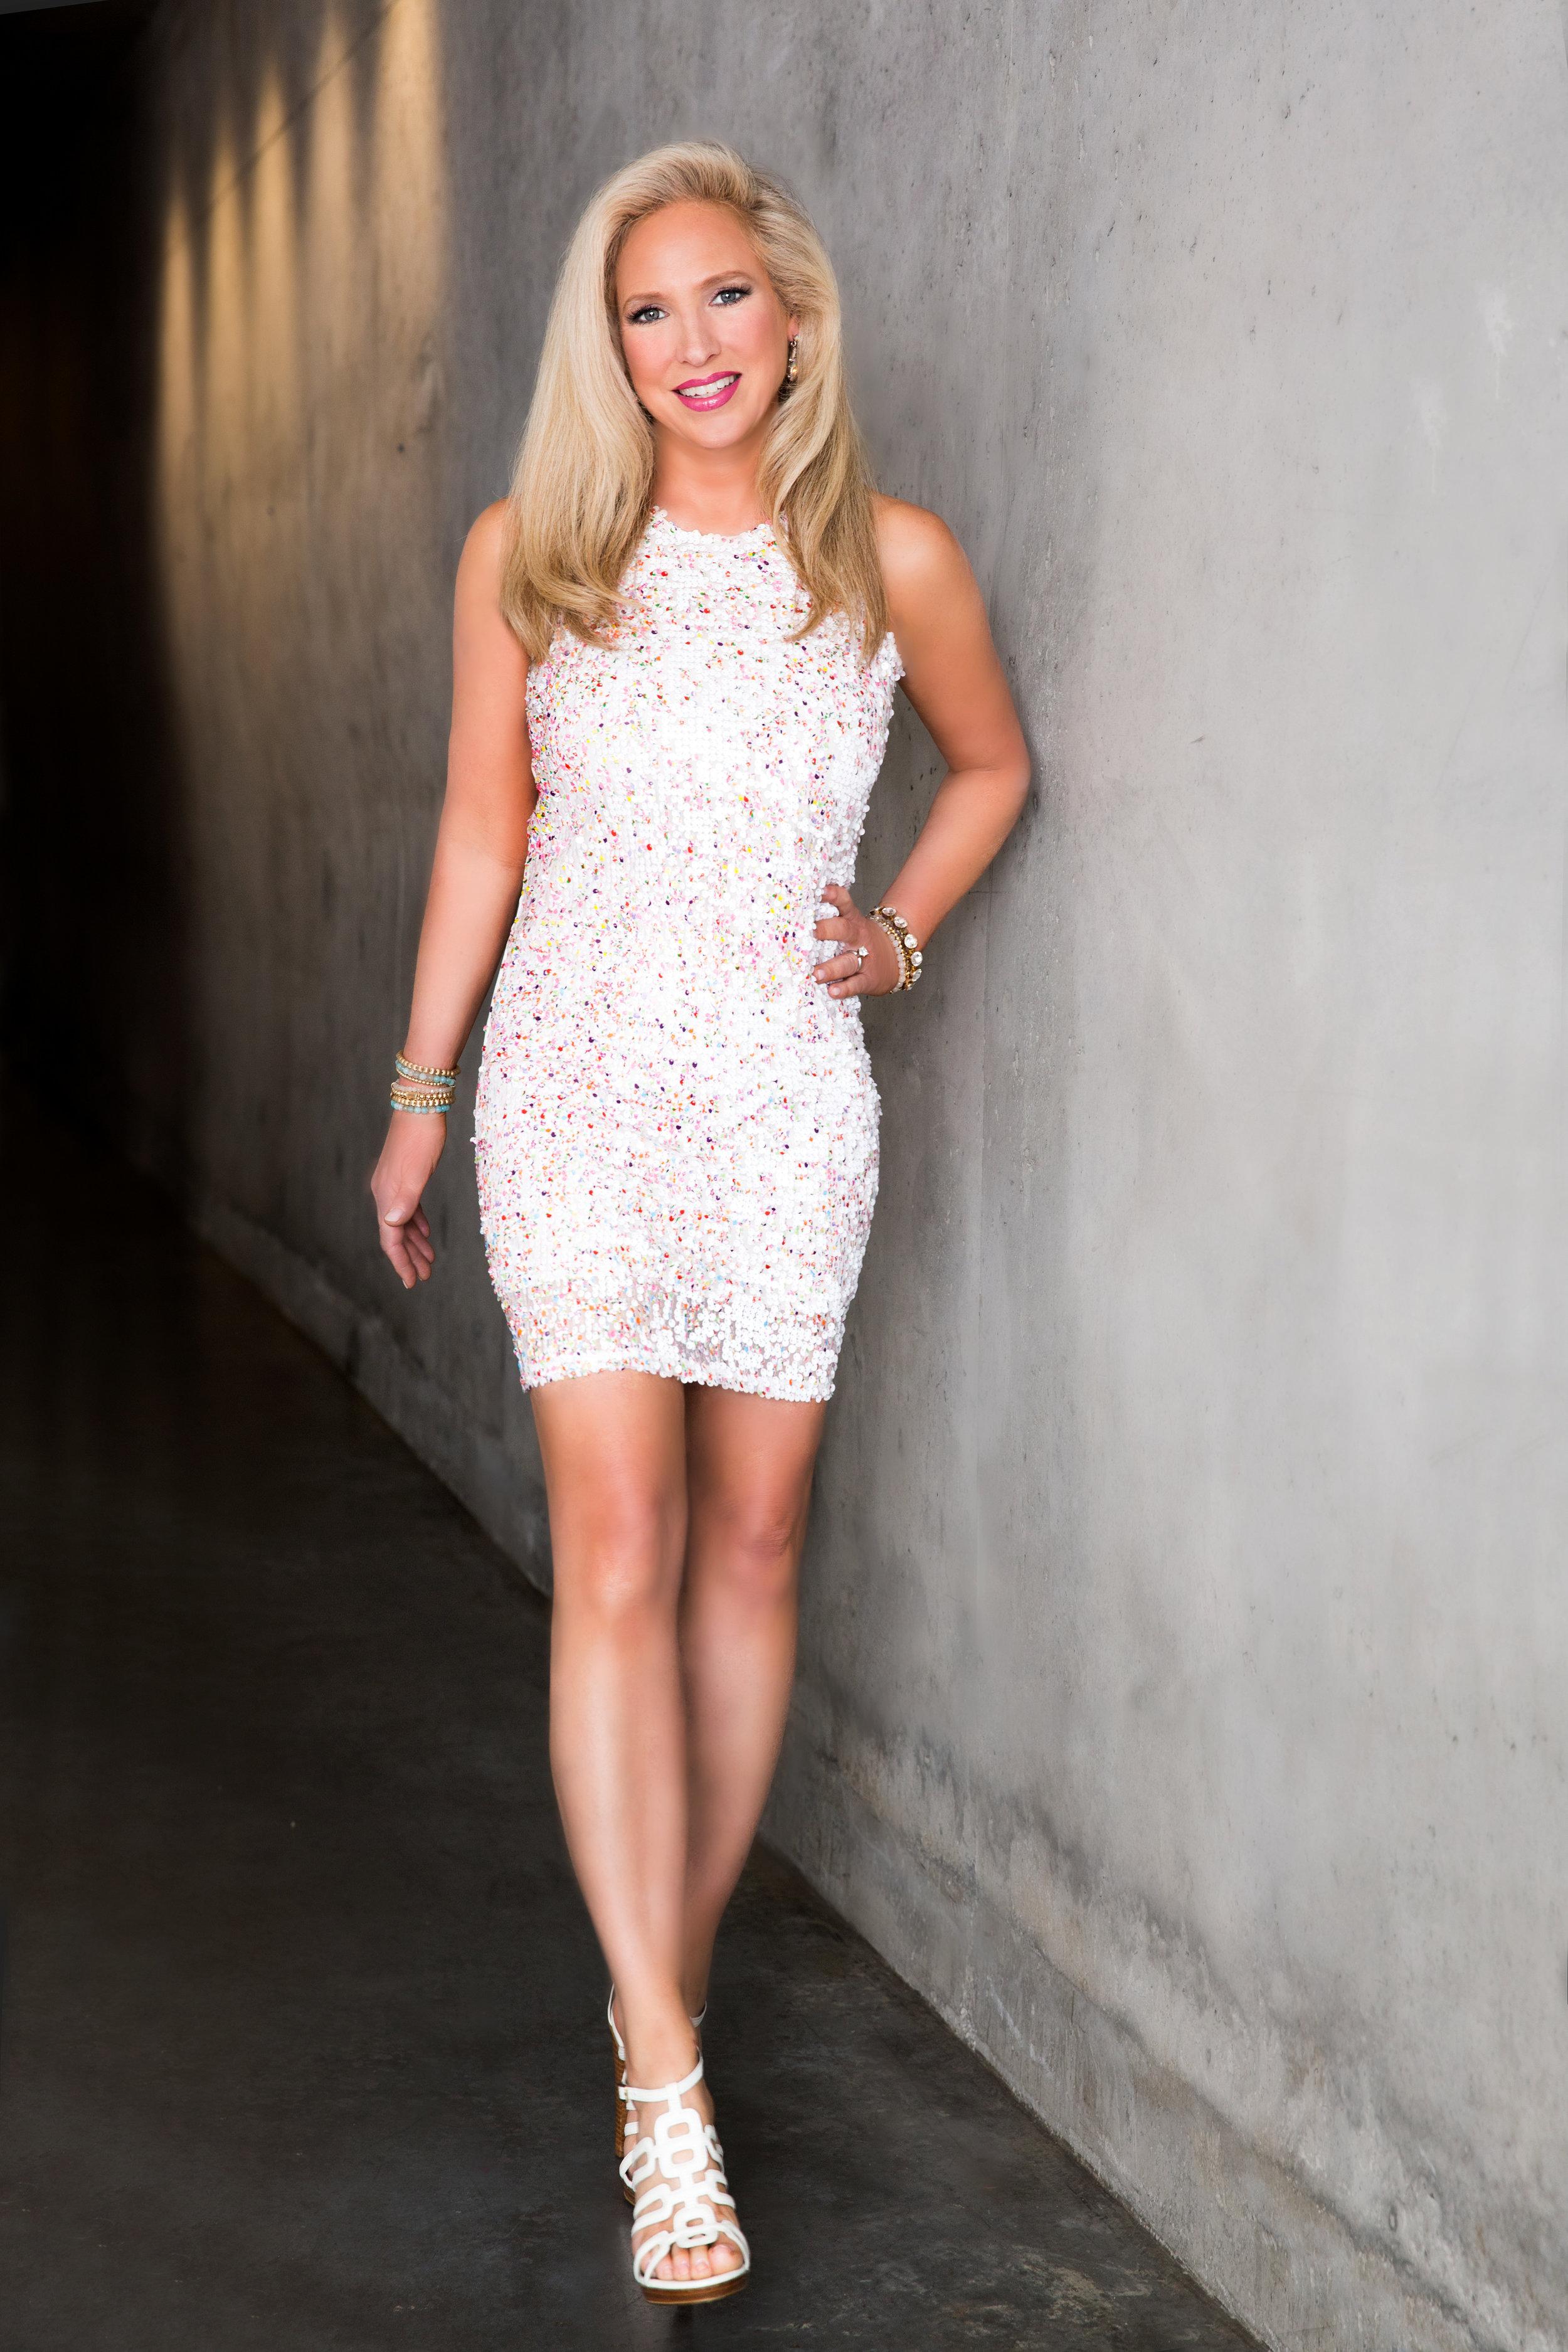 Julie Turner White Dress.jpg